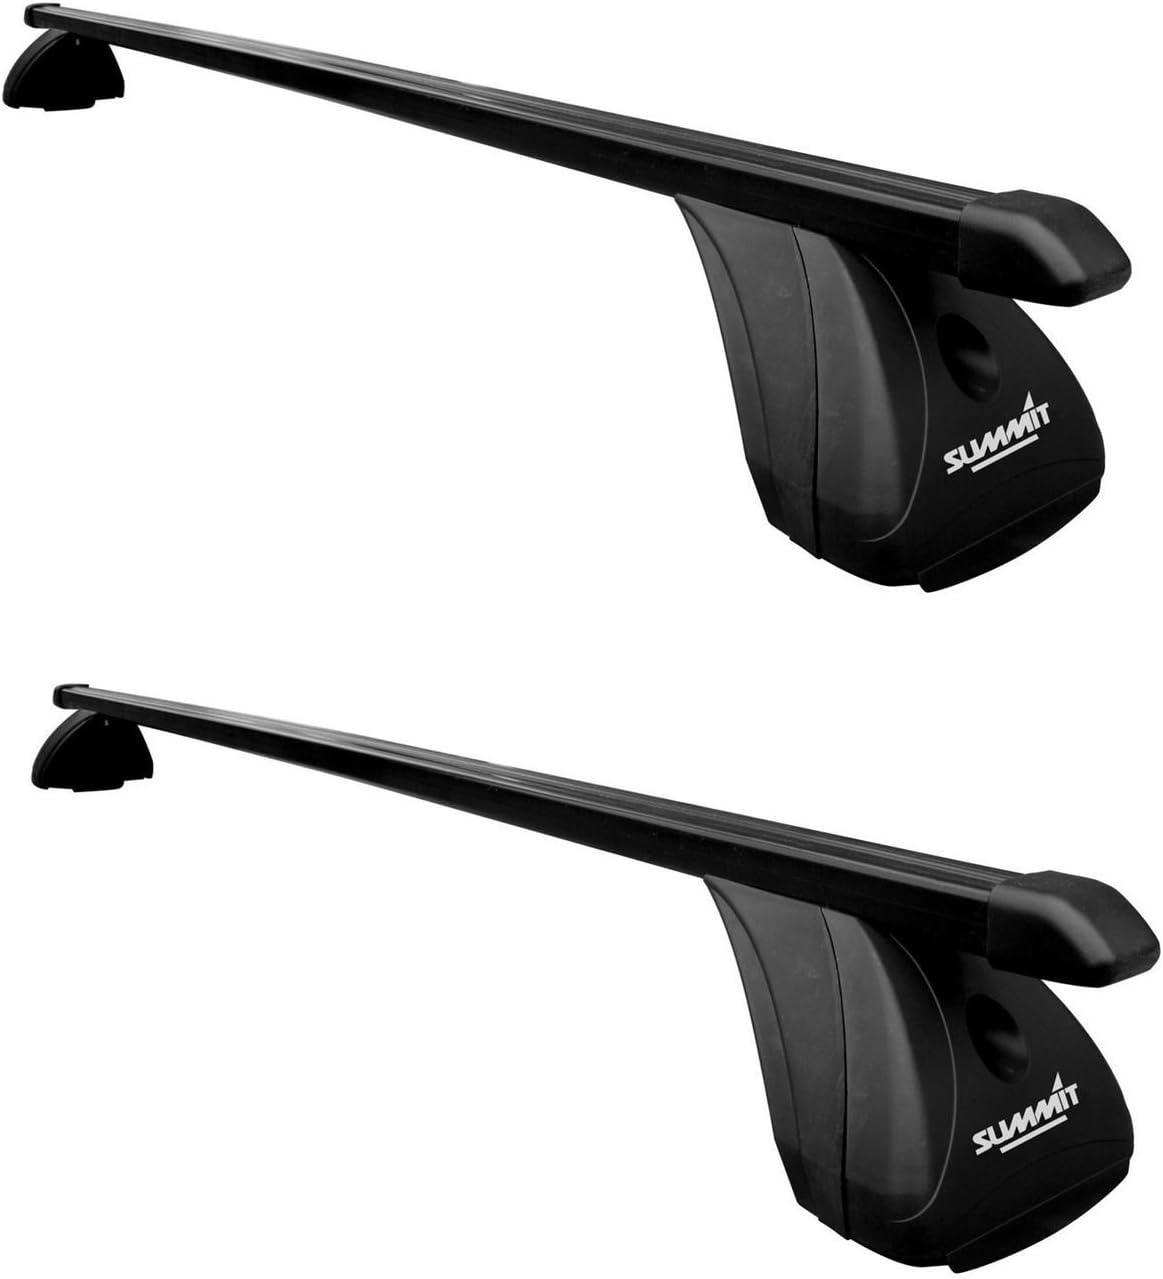 Summit SUP-20288S Premium Multi Fit Lockable Roof Bars Black Steel Set of 2